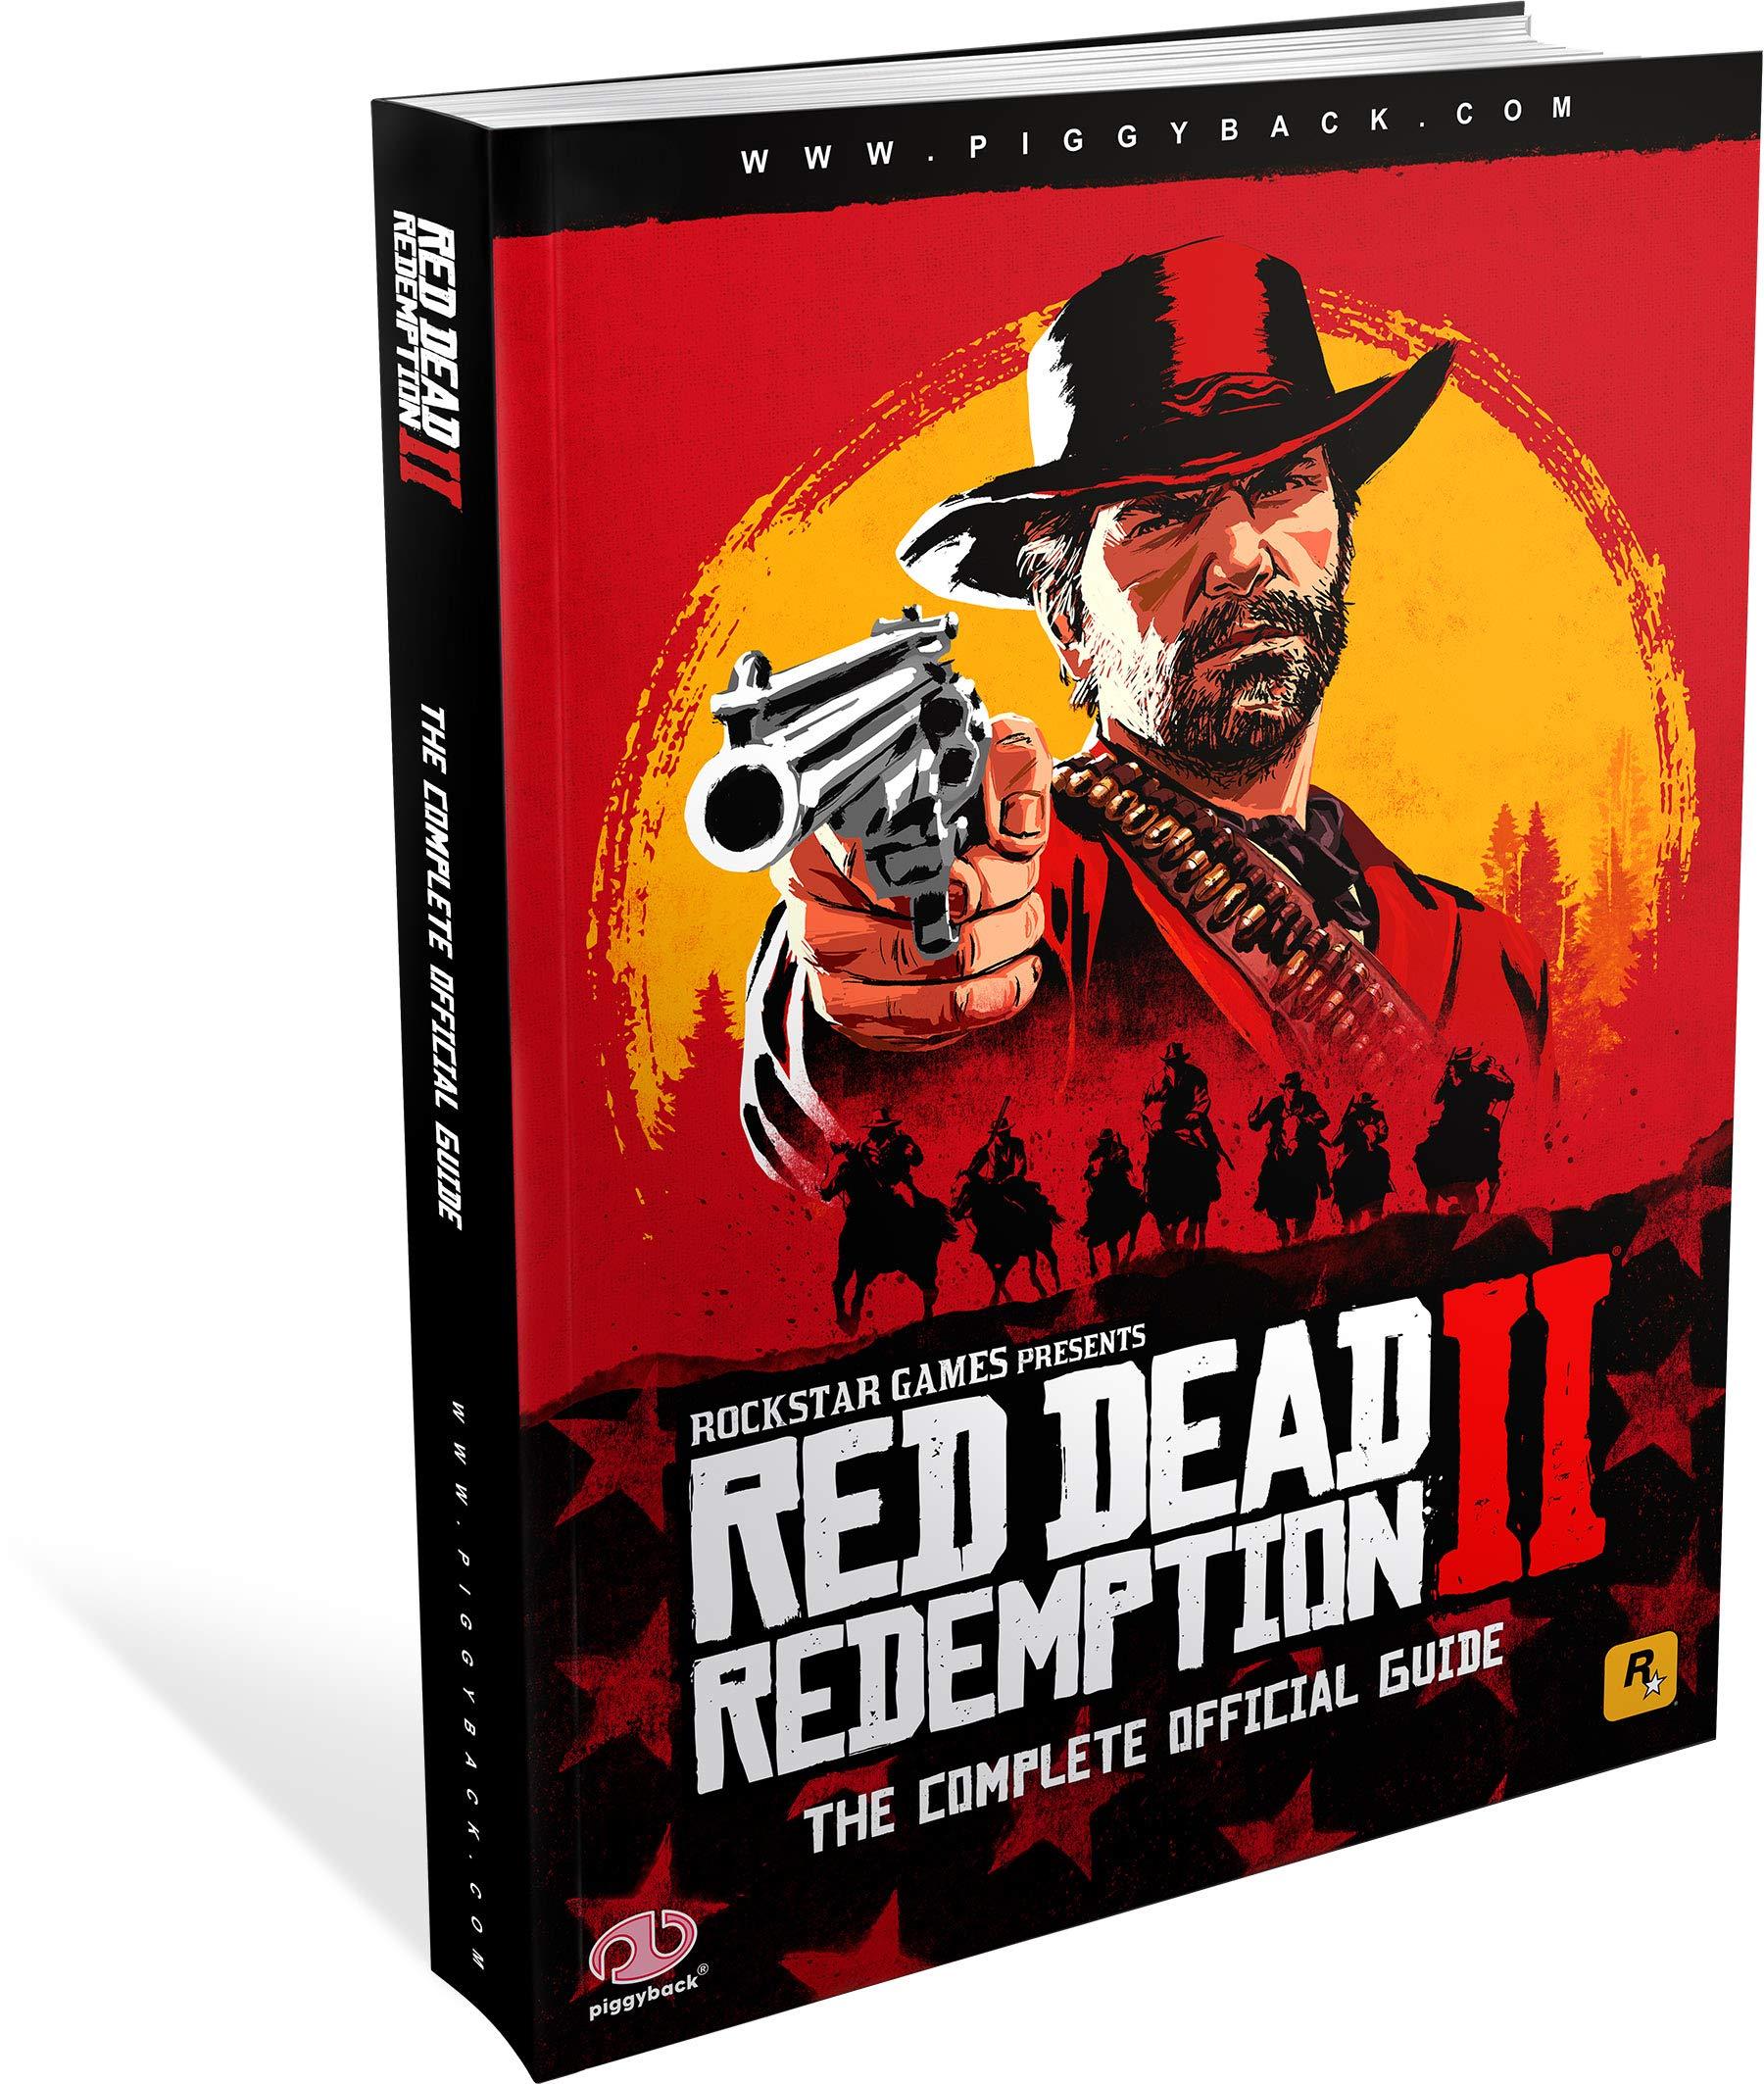 walkthrough red dead book redemption